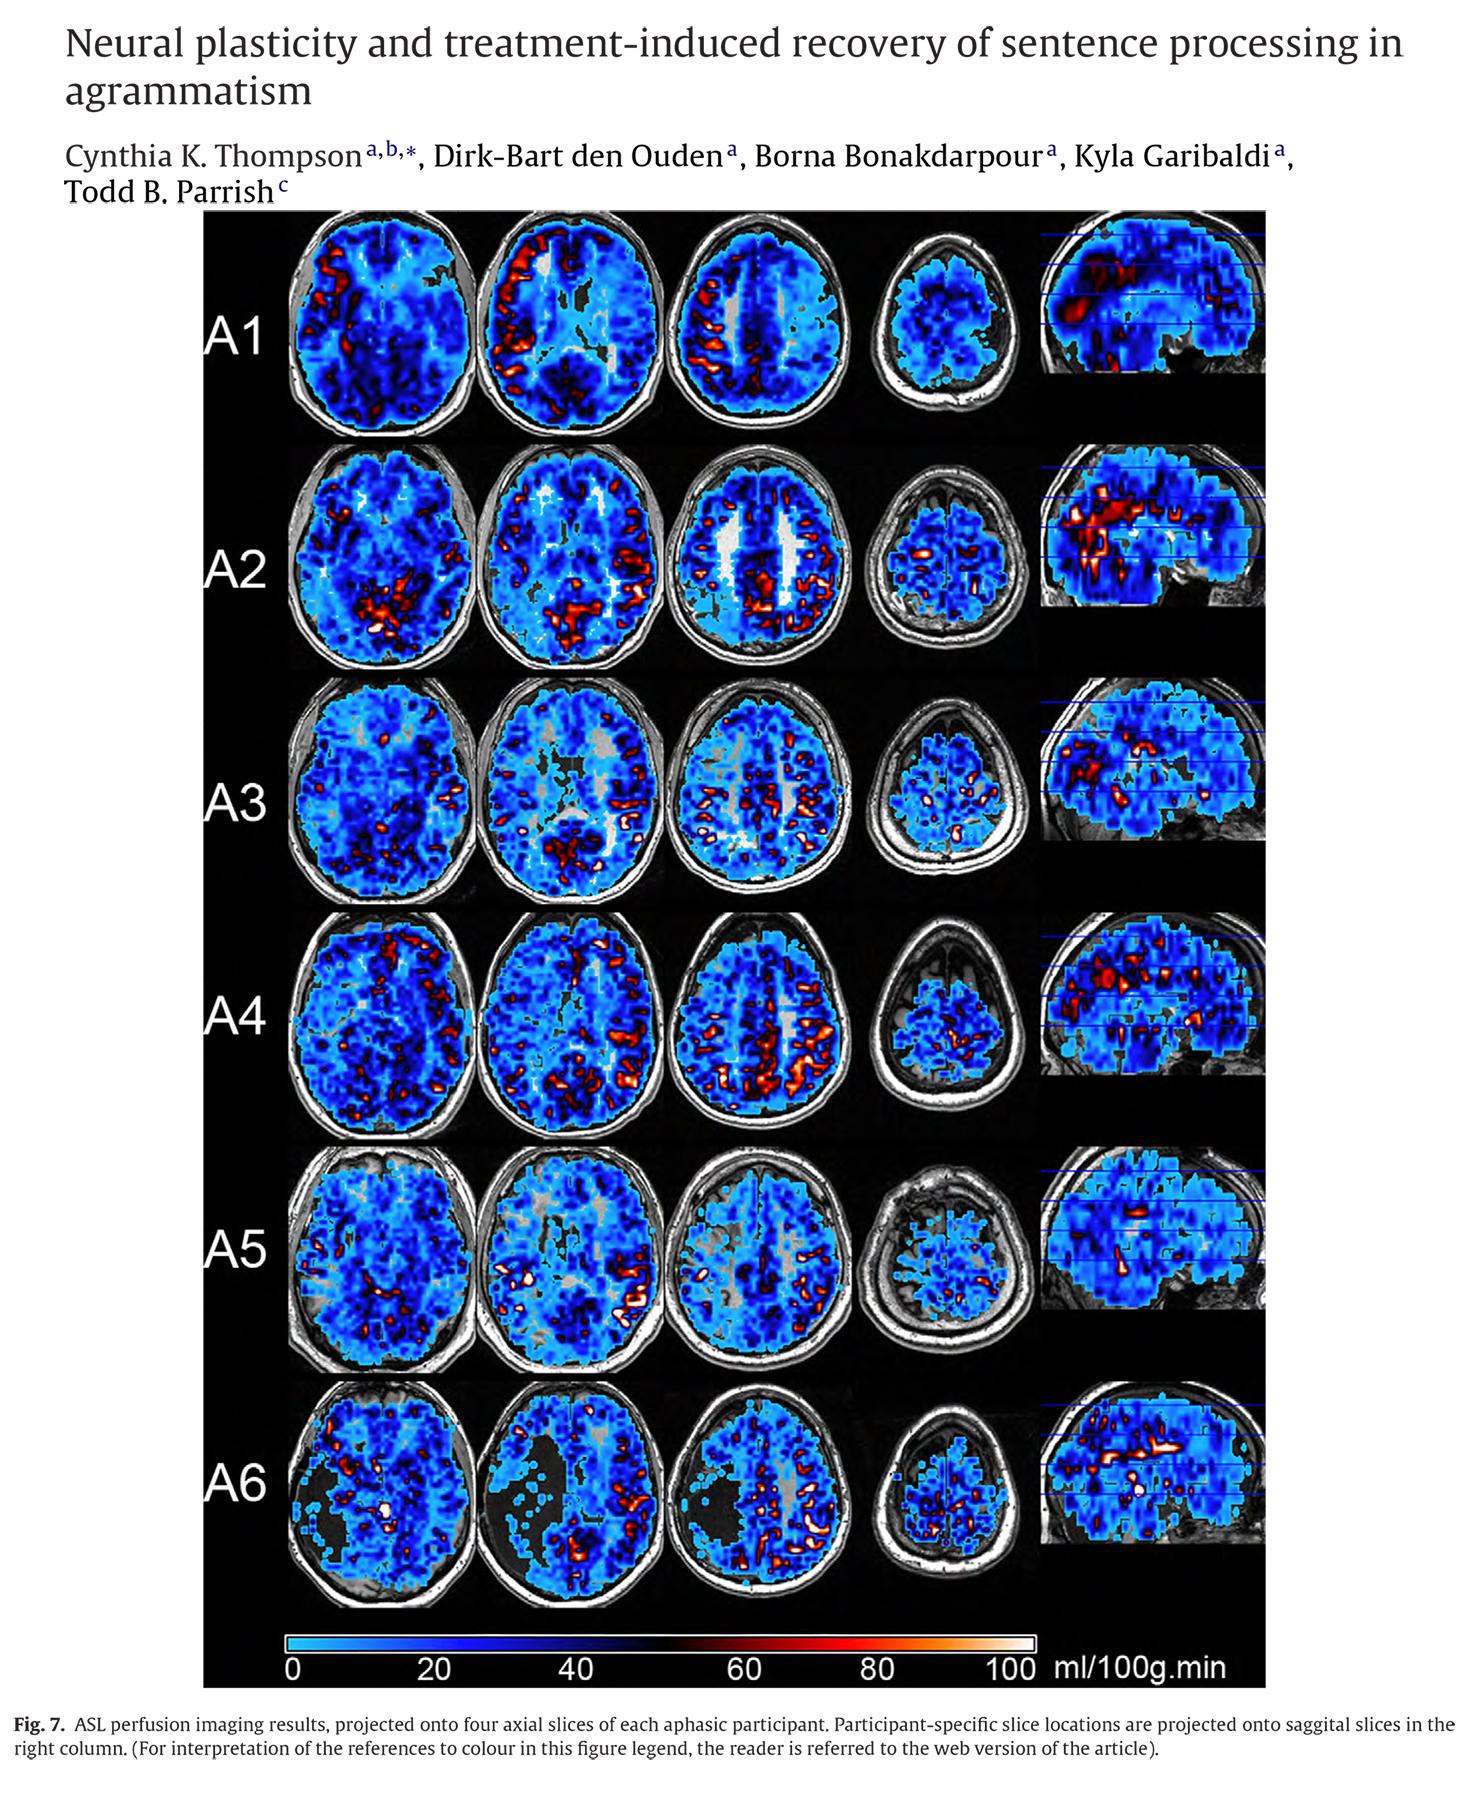 Neuropsychologia, 48 (2010) 3211-3227. 10.1016/j.neuropsychologia.2010.06.036